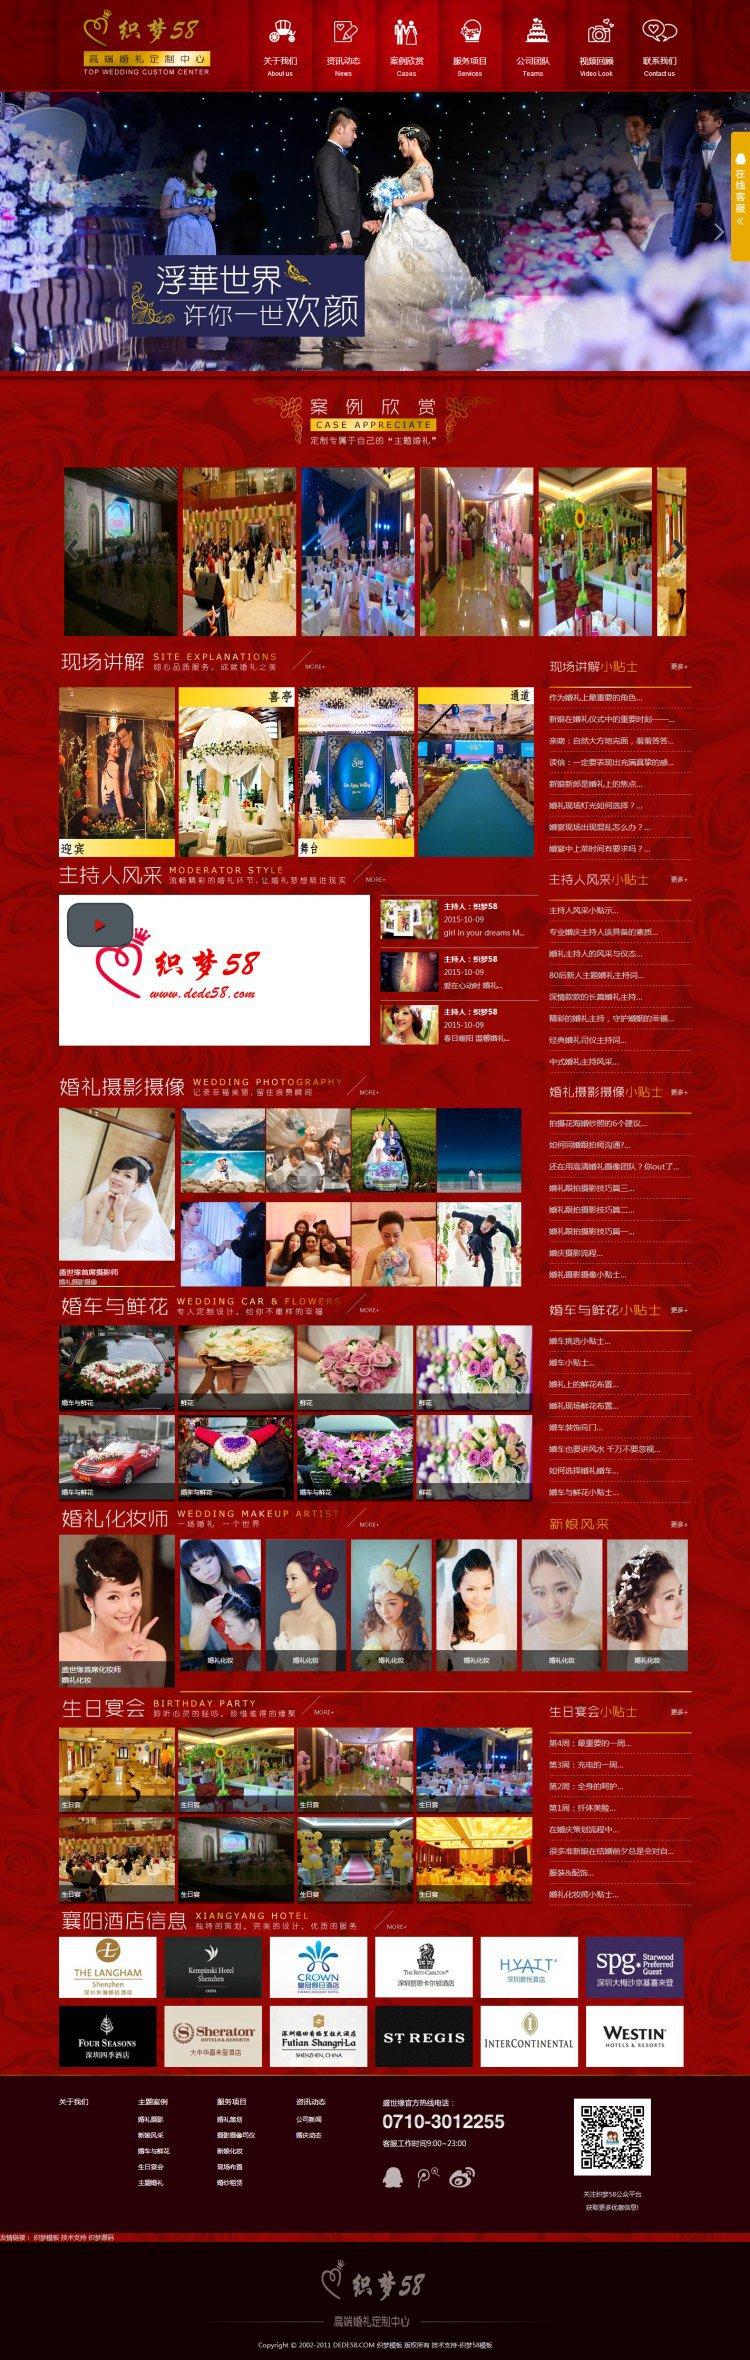 织梦红色大气婚庆婚礼策划公司网站织梦模板